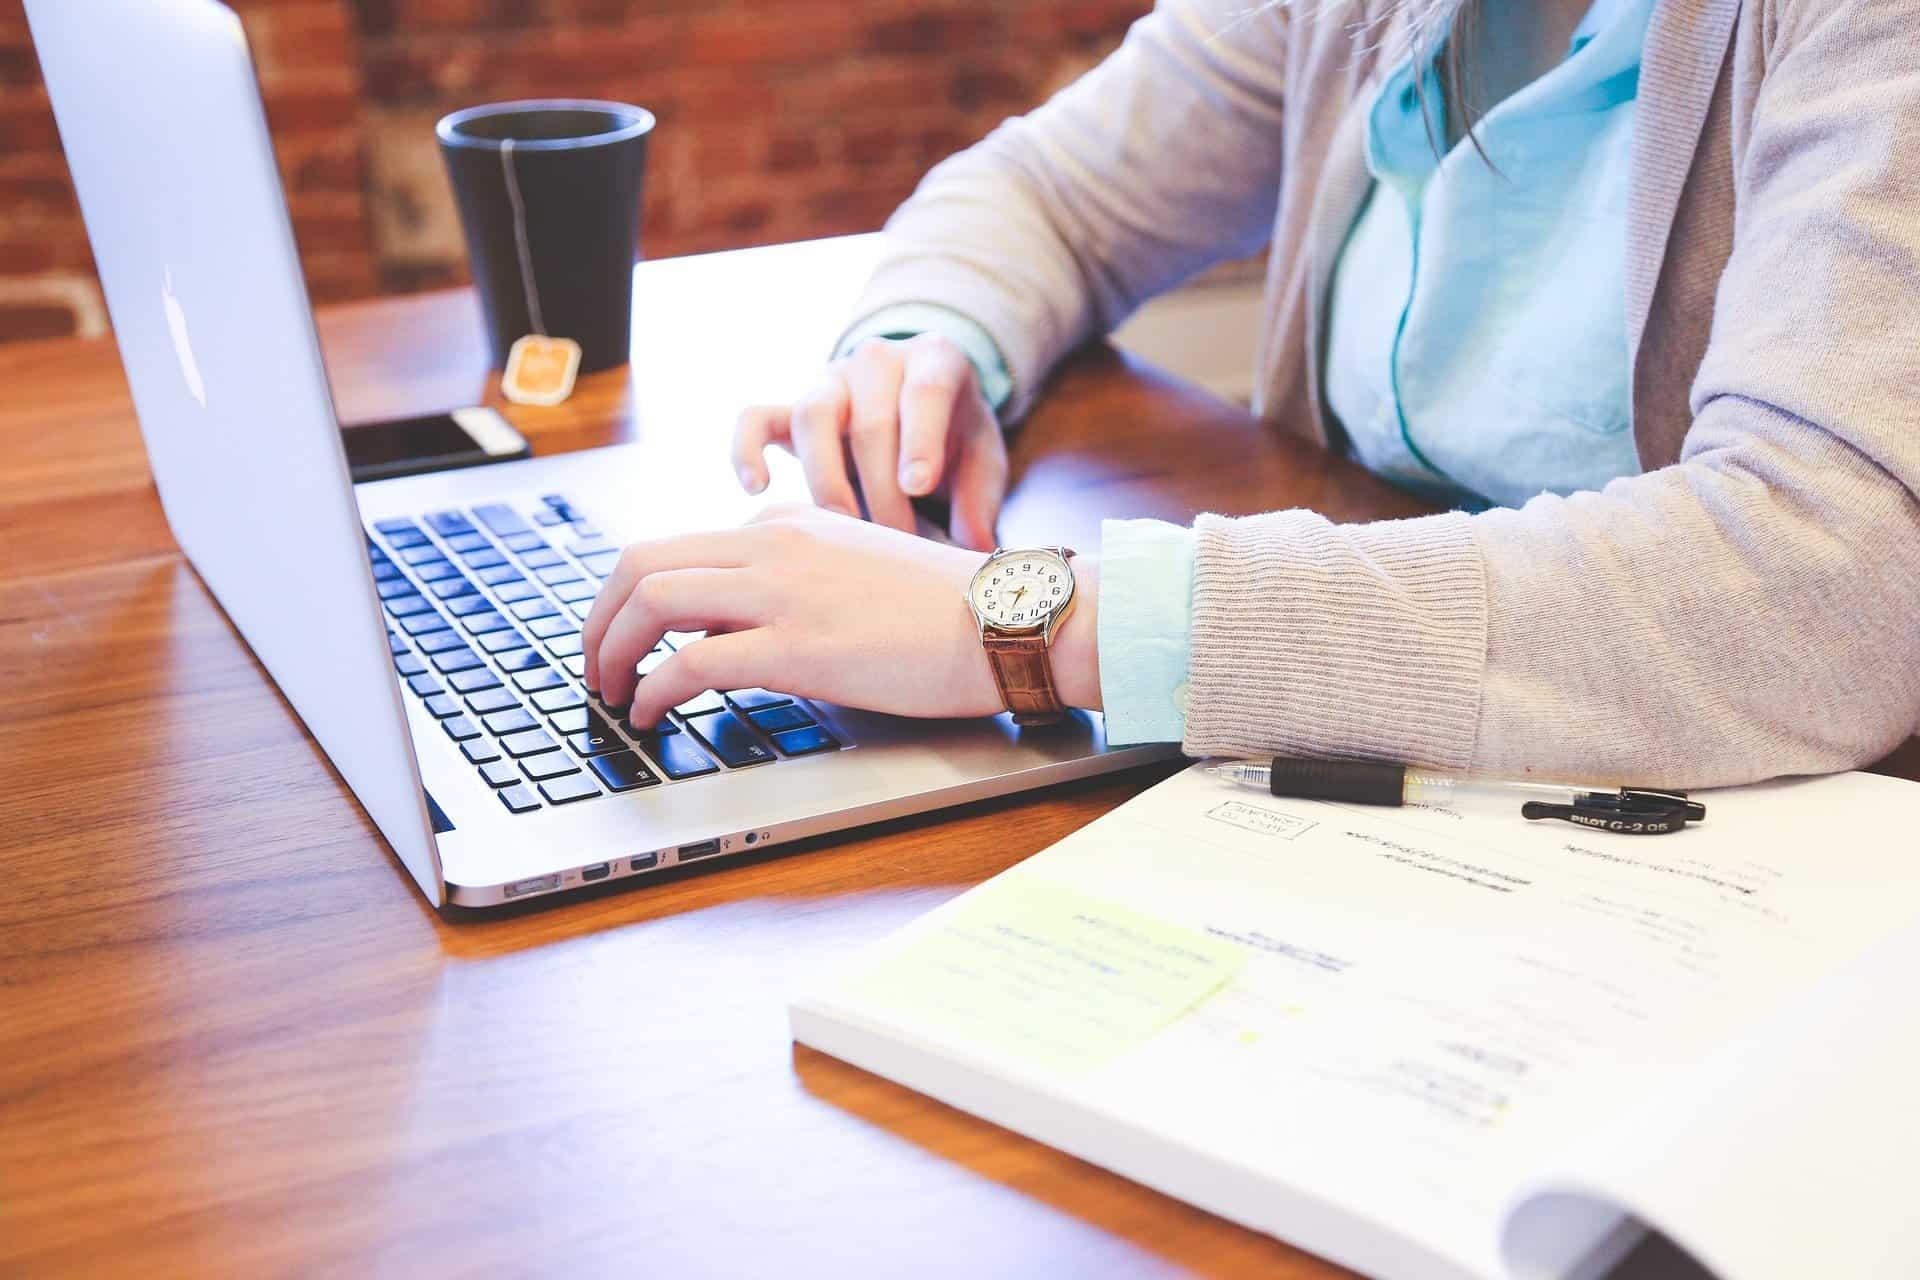 Passer votre entreprise à l'aire du numérique